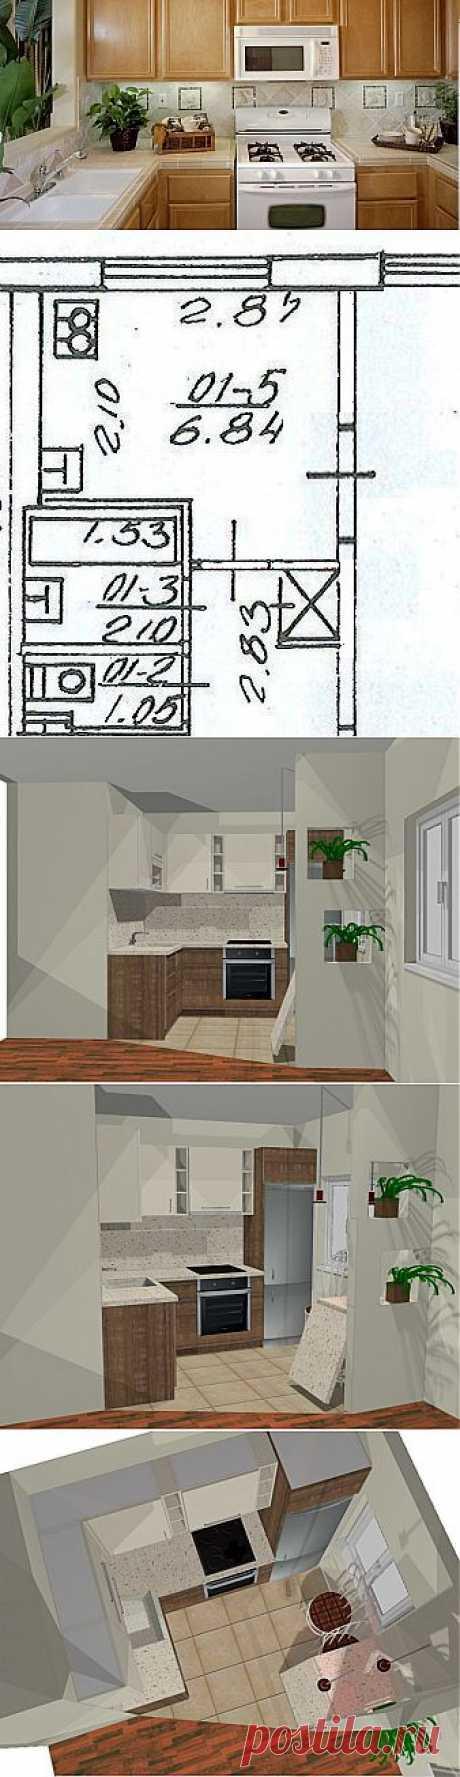 Kaip aš padidinau mažą virtuvę